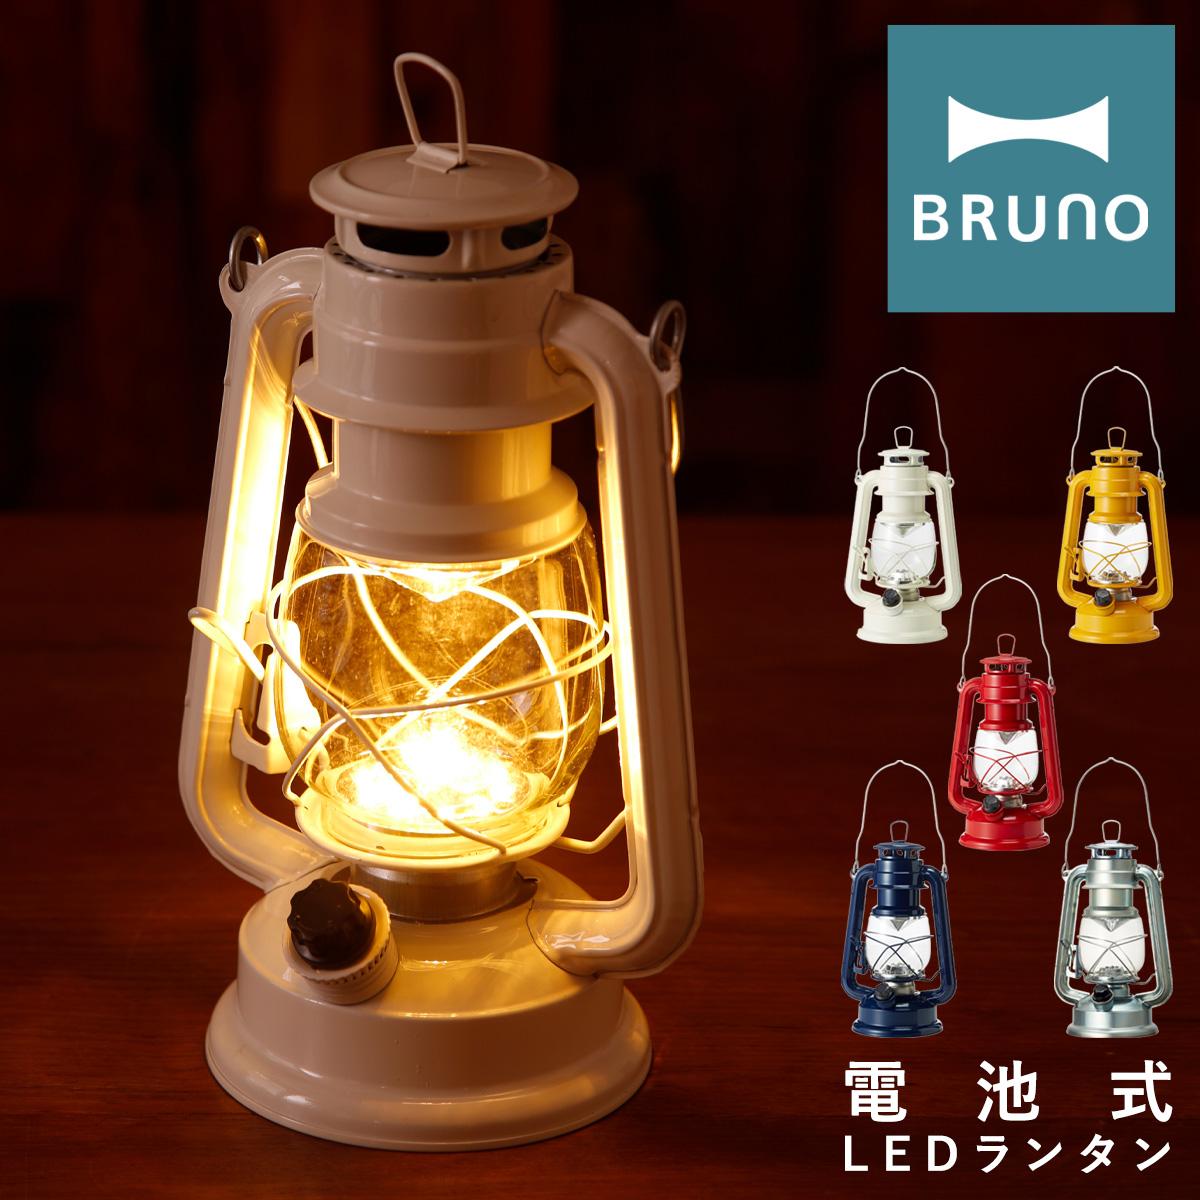 全品送料無料 ブルーノ LEDランタン BOL001 BRUNO ランタン 小型 コンパクト 小さめ ランプ 照明 ピクニック セール特別価格 防災 アウトドア キャンプ 電池式 お気にいる 1年保証 レトロ おしゃれ PO10 野外 登山